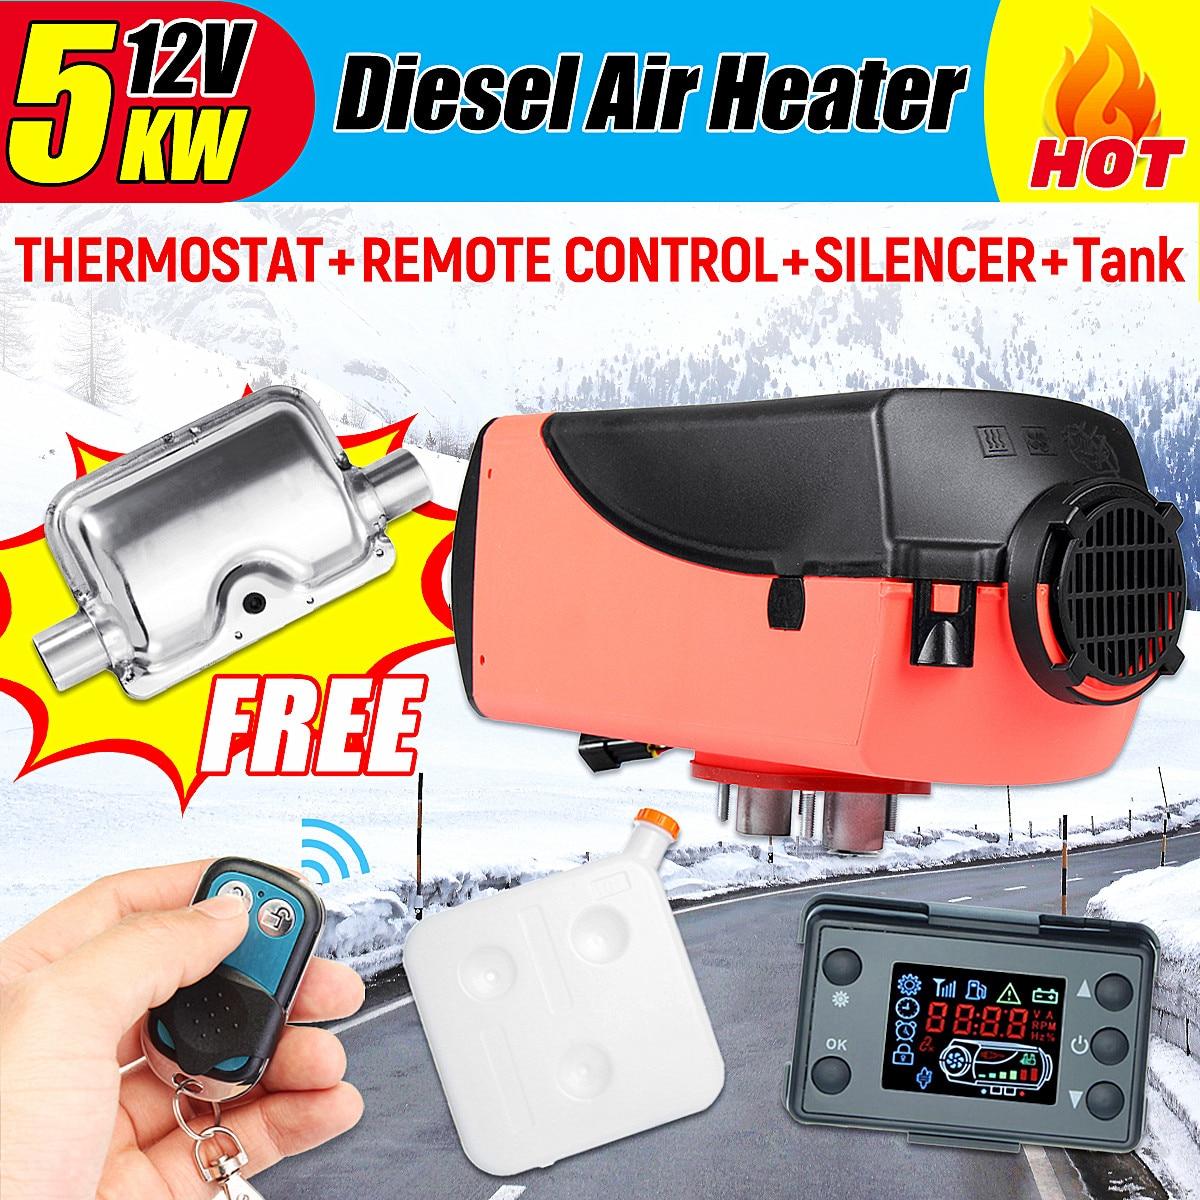 12 v 5000 w LCD Moniteur Air diesels Réchauffeur De Carburant Unique Trou 5KW 10L Réservoir Télécommande Pour Camions Bateaux bus De Voiture Remorque Chauffe-